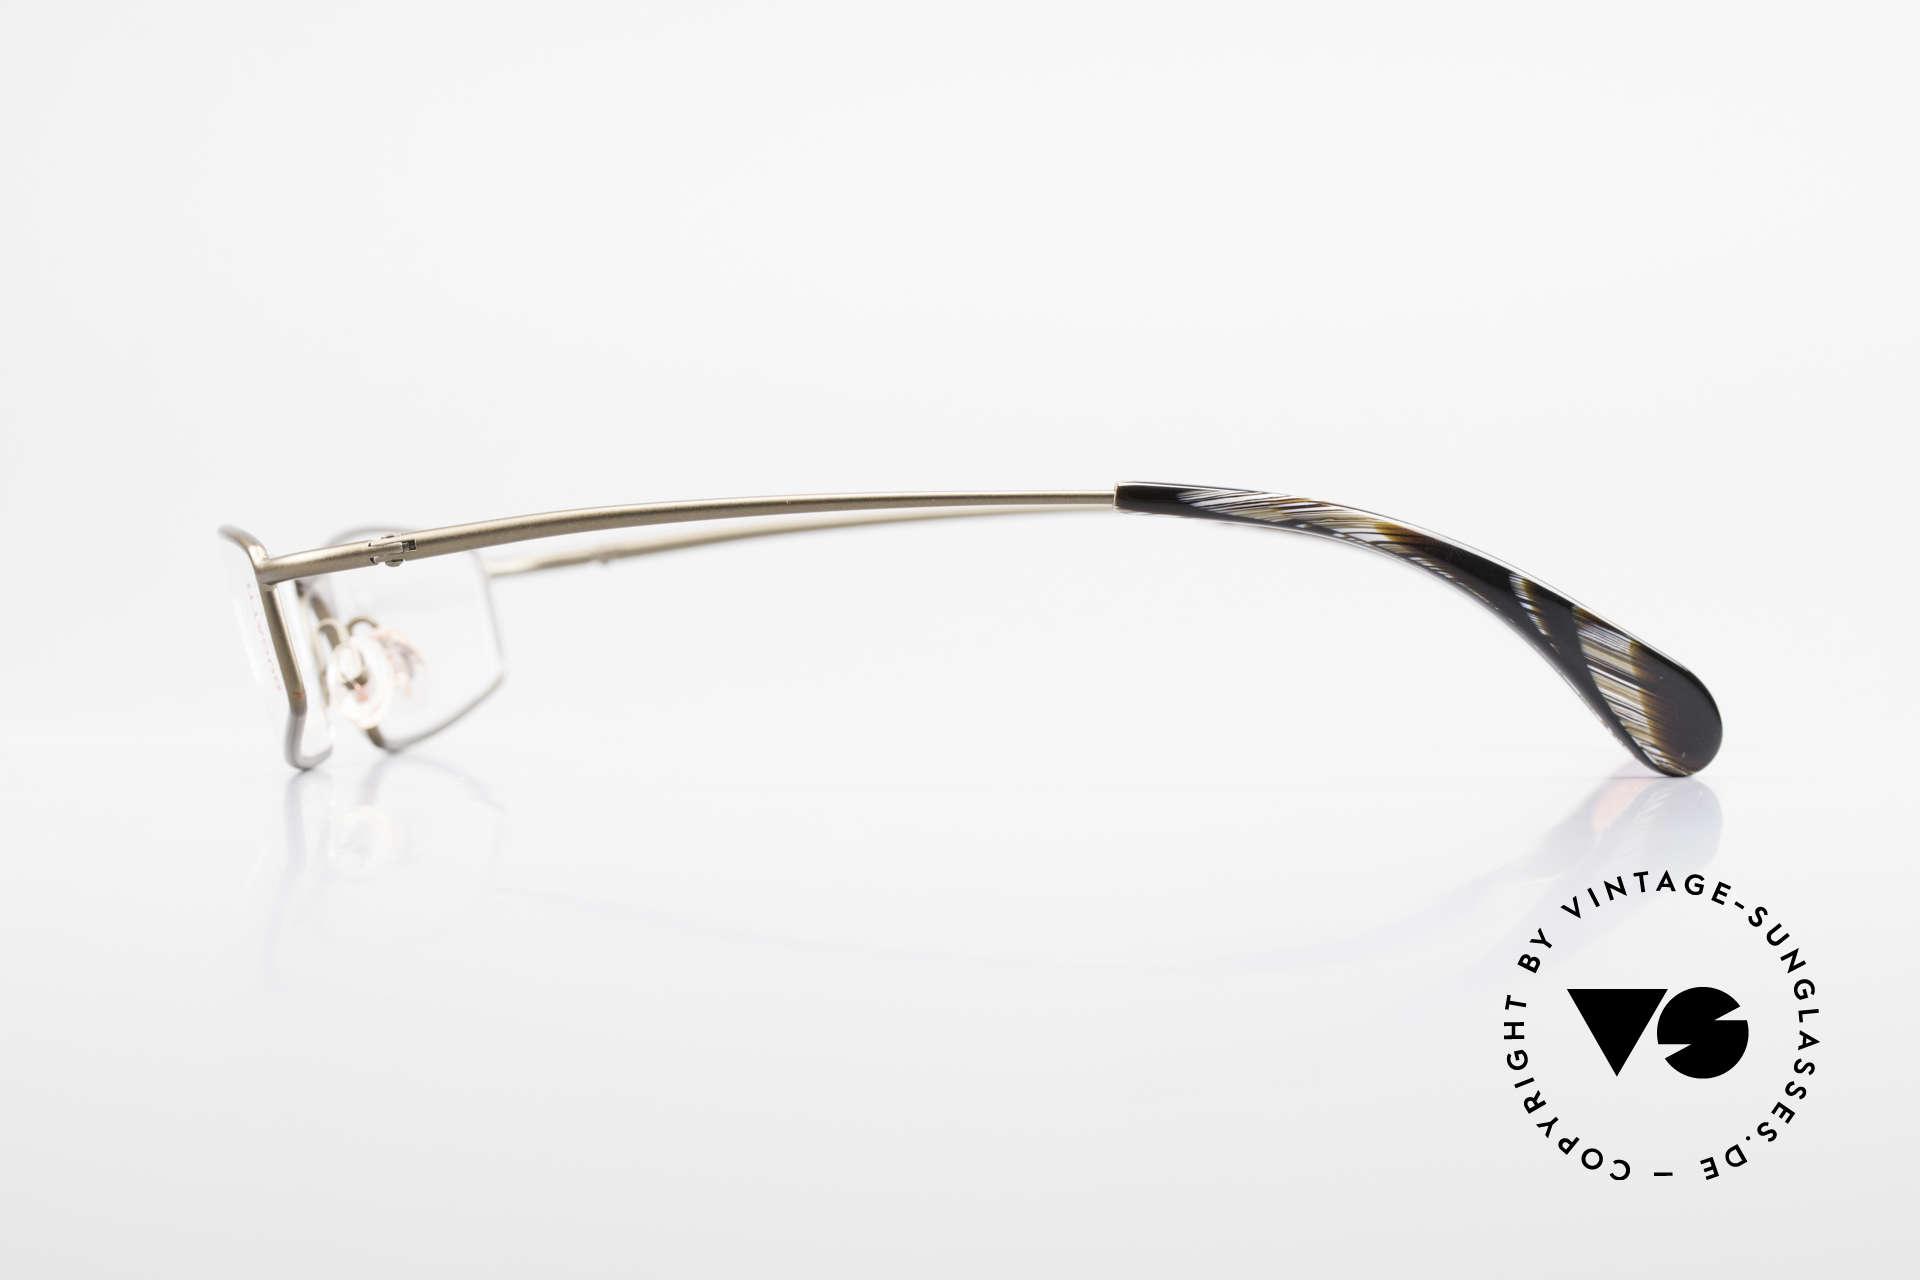 Bugatti 204 Odotype Limited Vintage Luxus Brille, Demos sind beliebig ersetzbar (optisch / Sonne), Passend für Herren